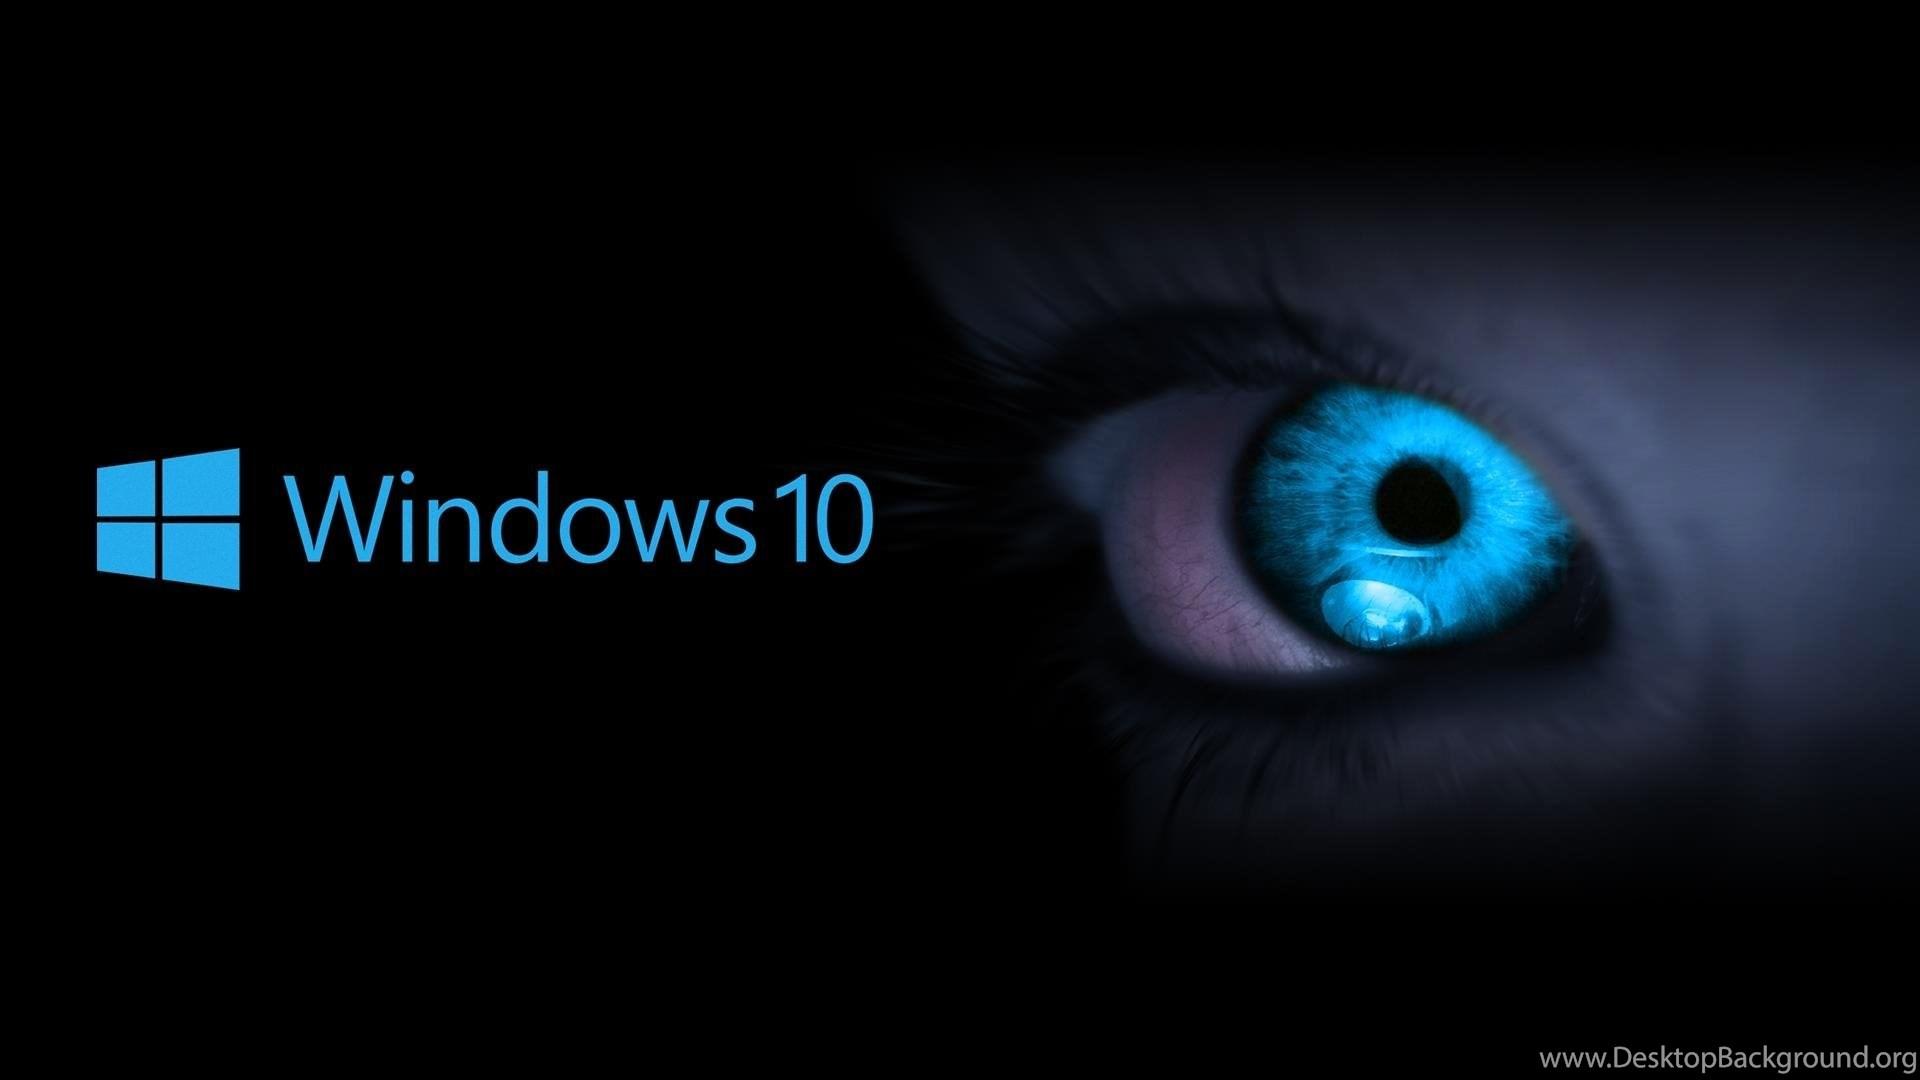 Download Windows 10 Cortana Wallpapers Desktop